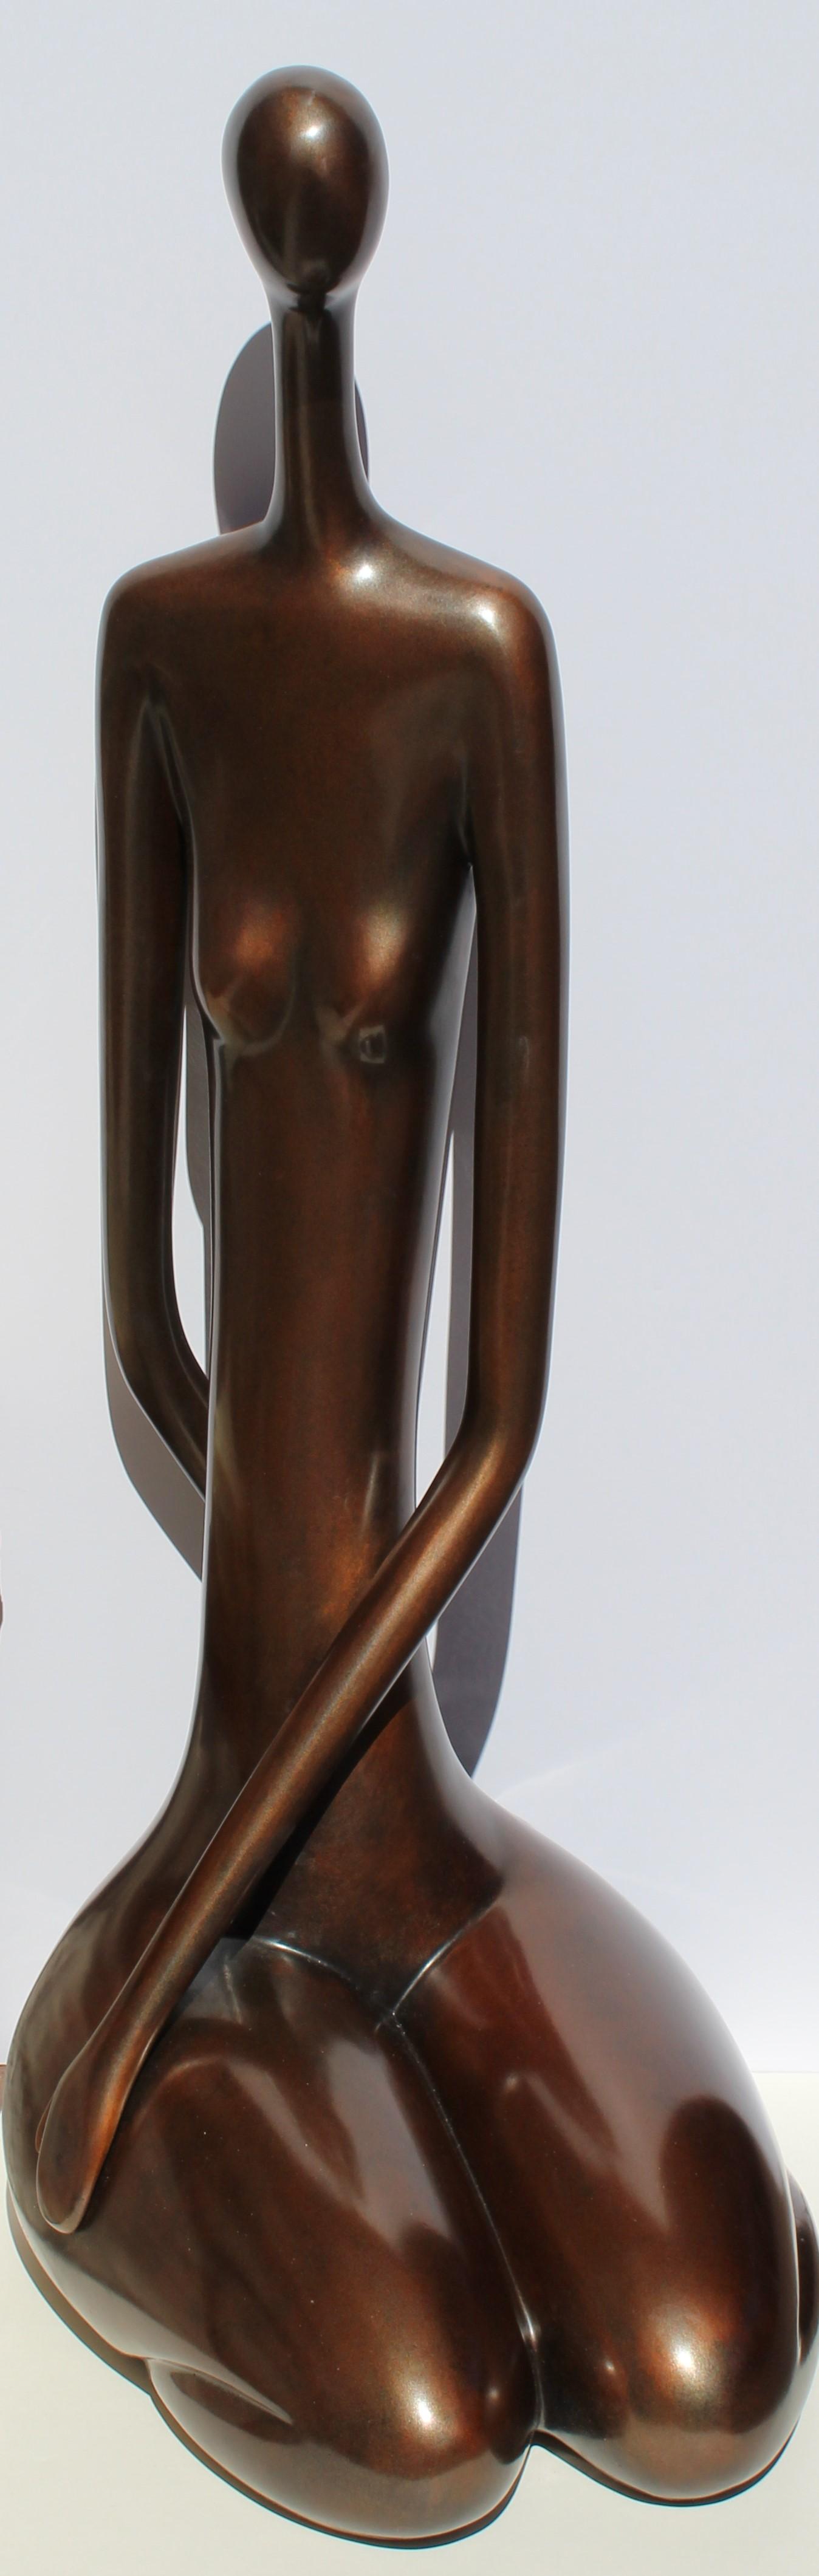 Margarita by  Ruth  Bloch  - Masterpiece Online